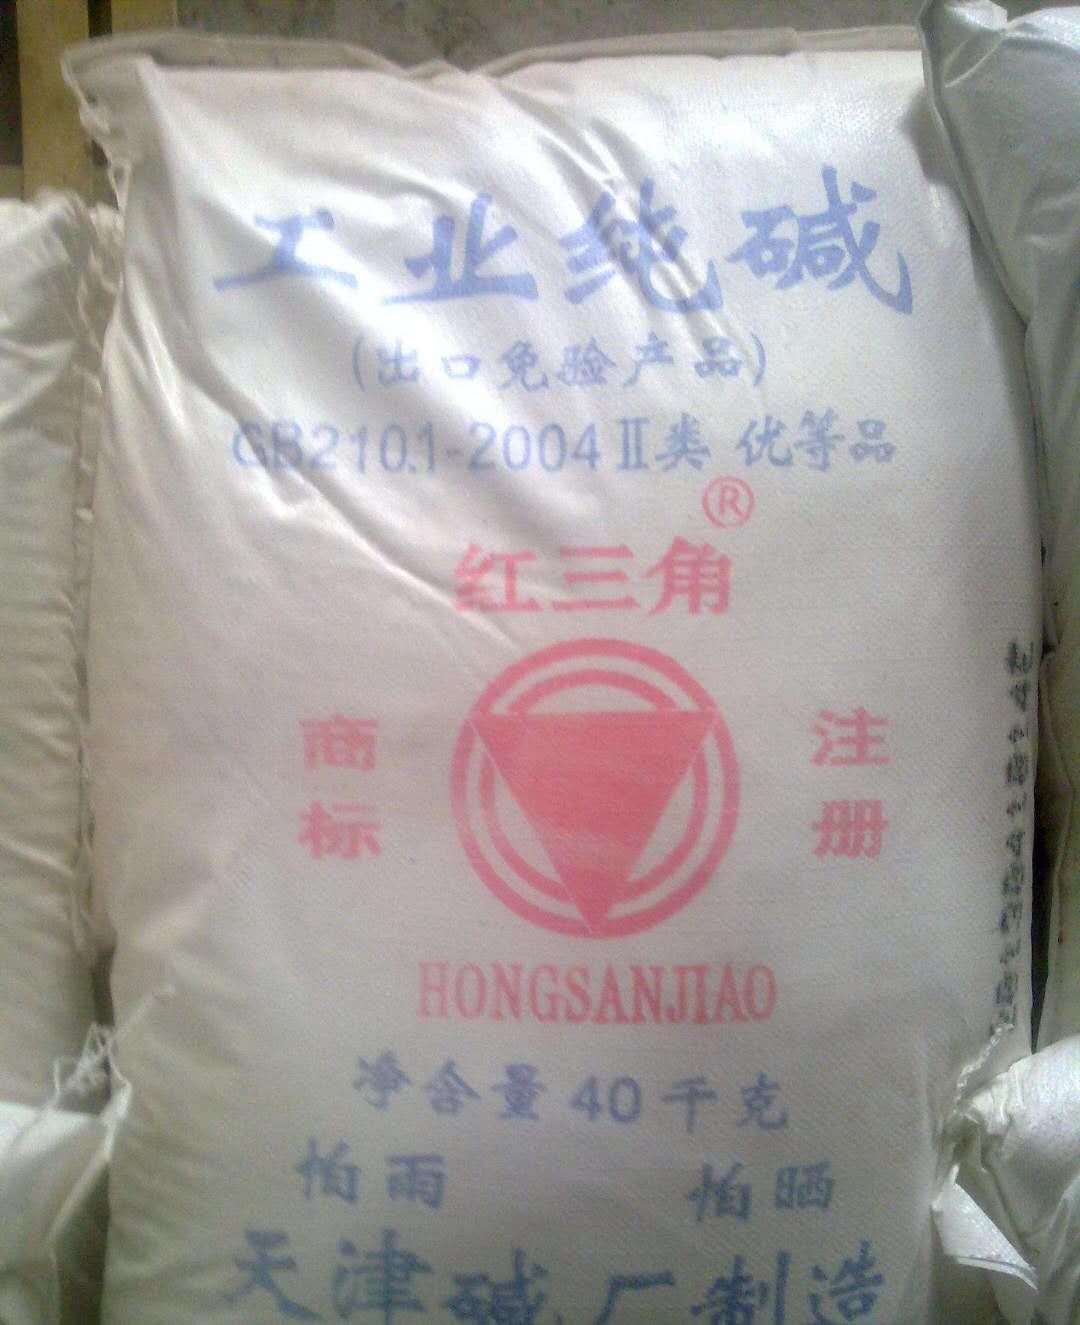 江西省九江市大连化学可分散乳胶粉供应价格2021 新